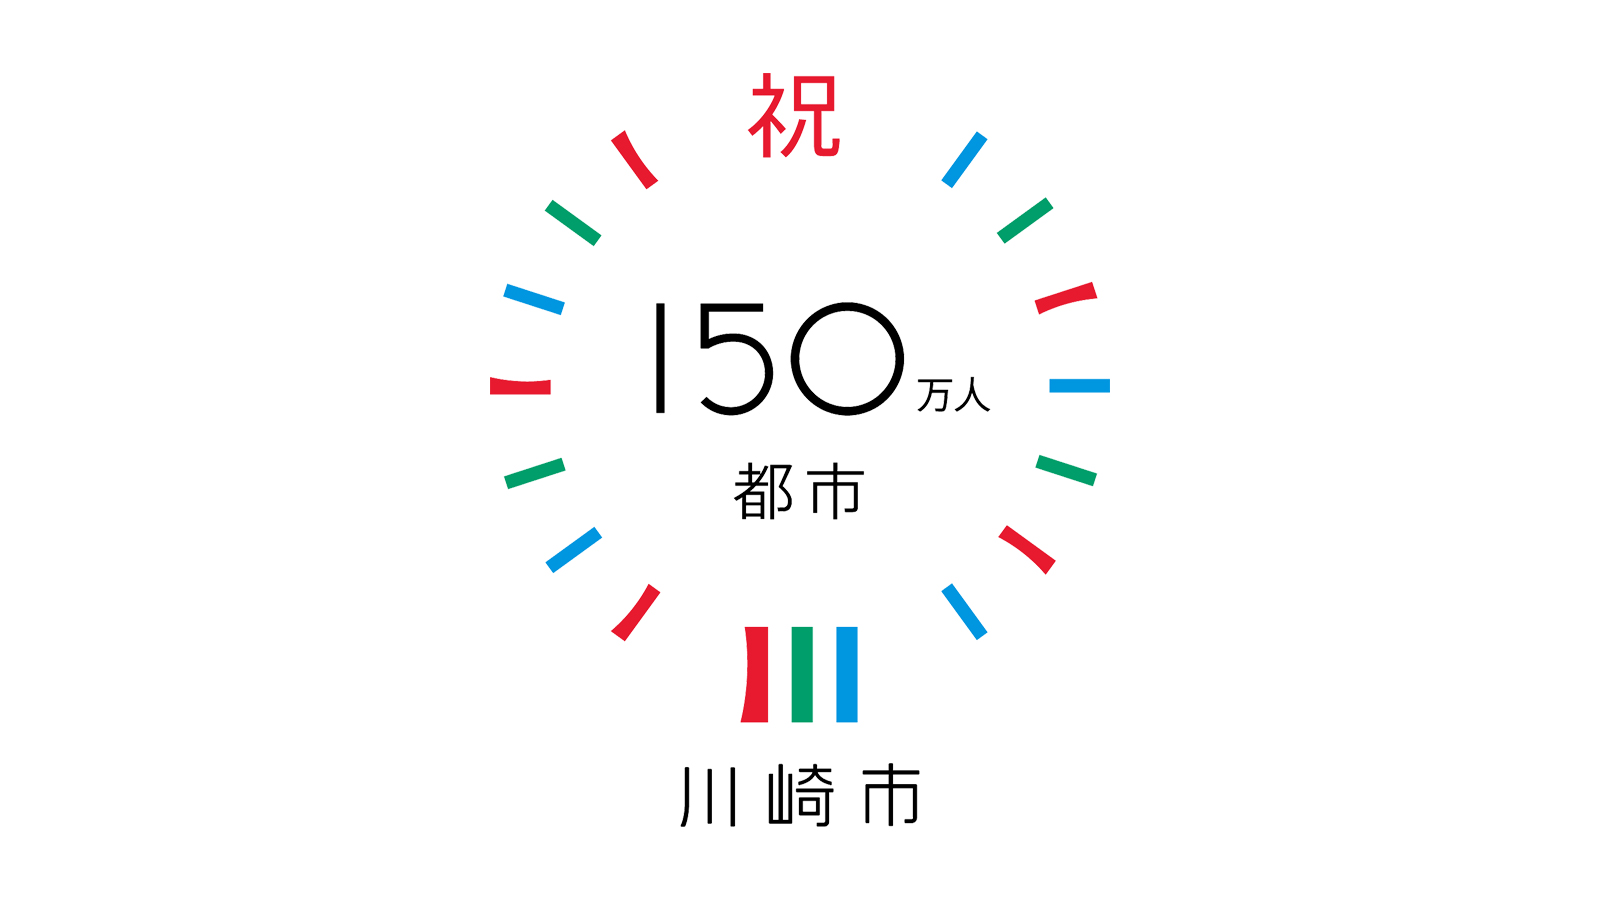 川崎市150万人都市記念ロゴ